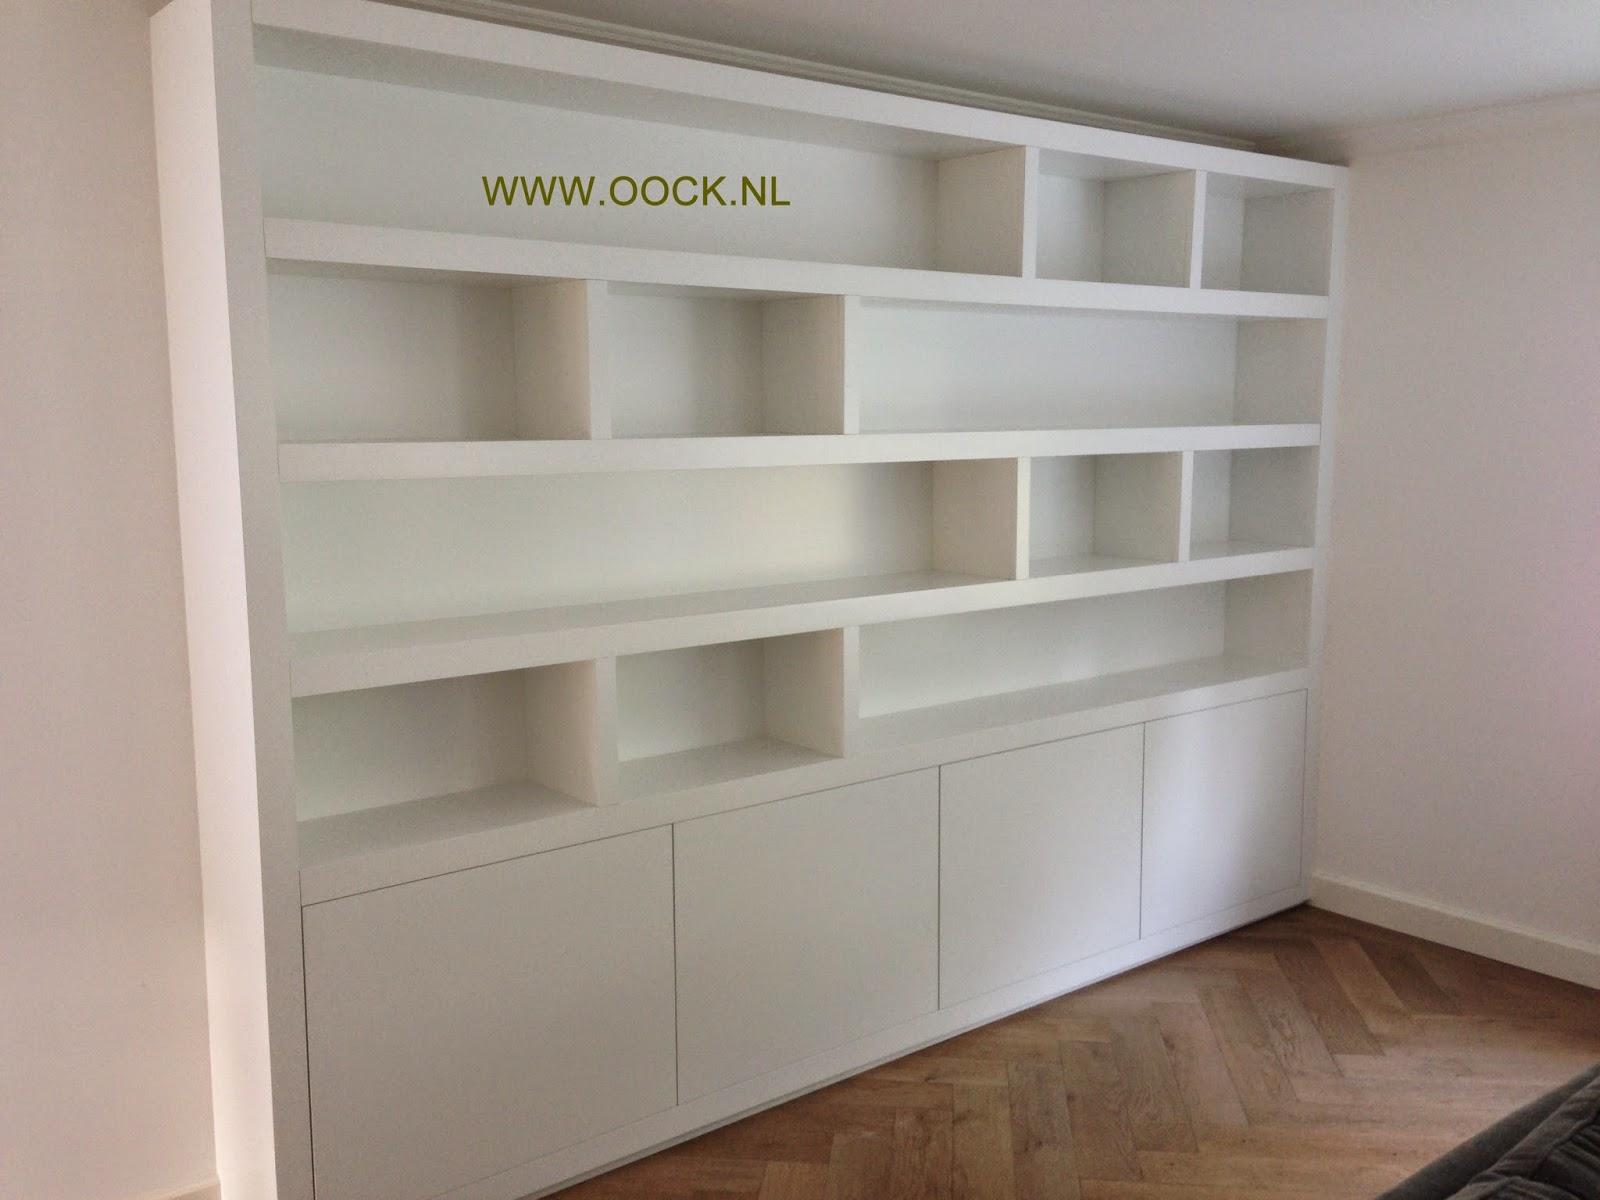 Ingebouwde Kastenwand Keuken: Inbouwkasten op maat inspiratie amp ...